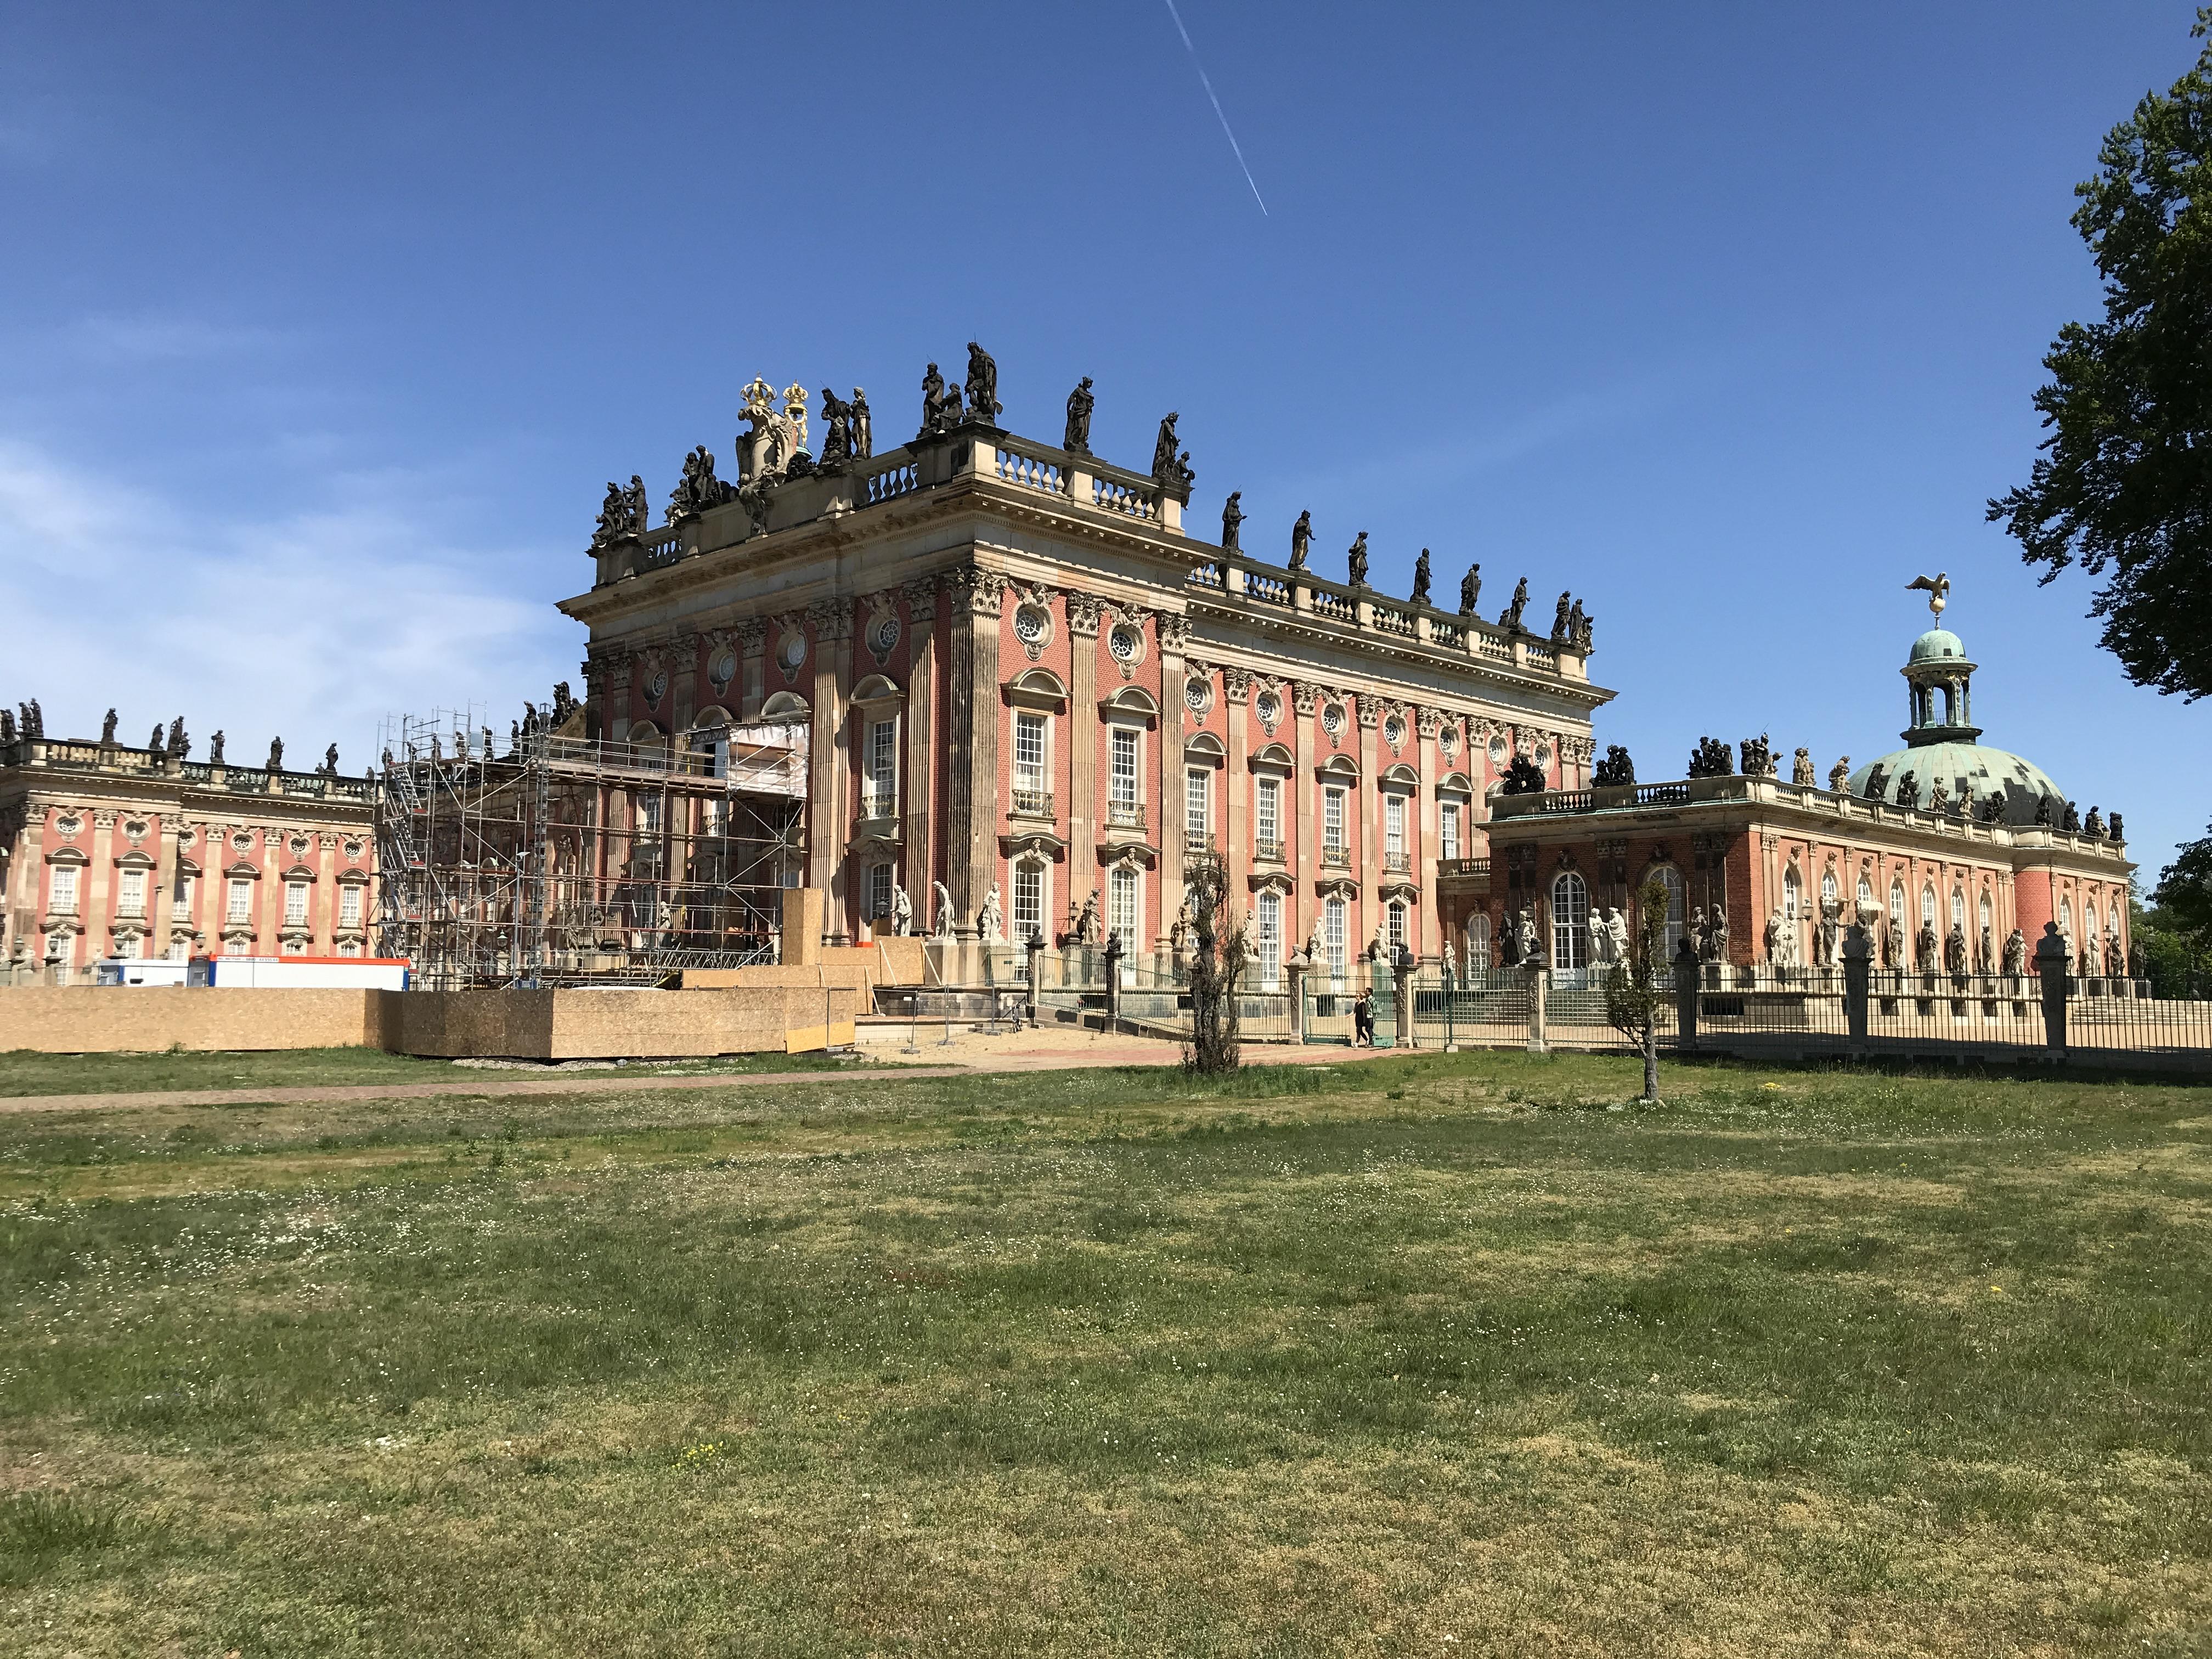 Sanssouci-Besuch in Potsdam am 30.4.2019